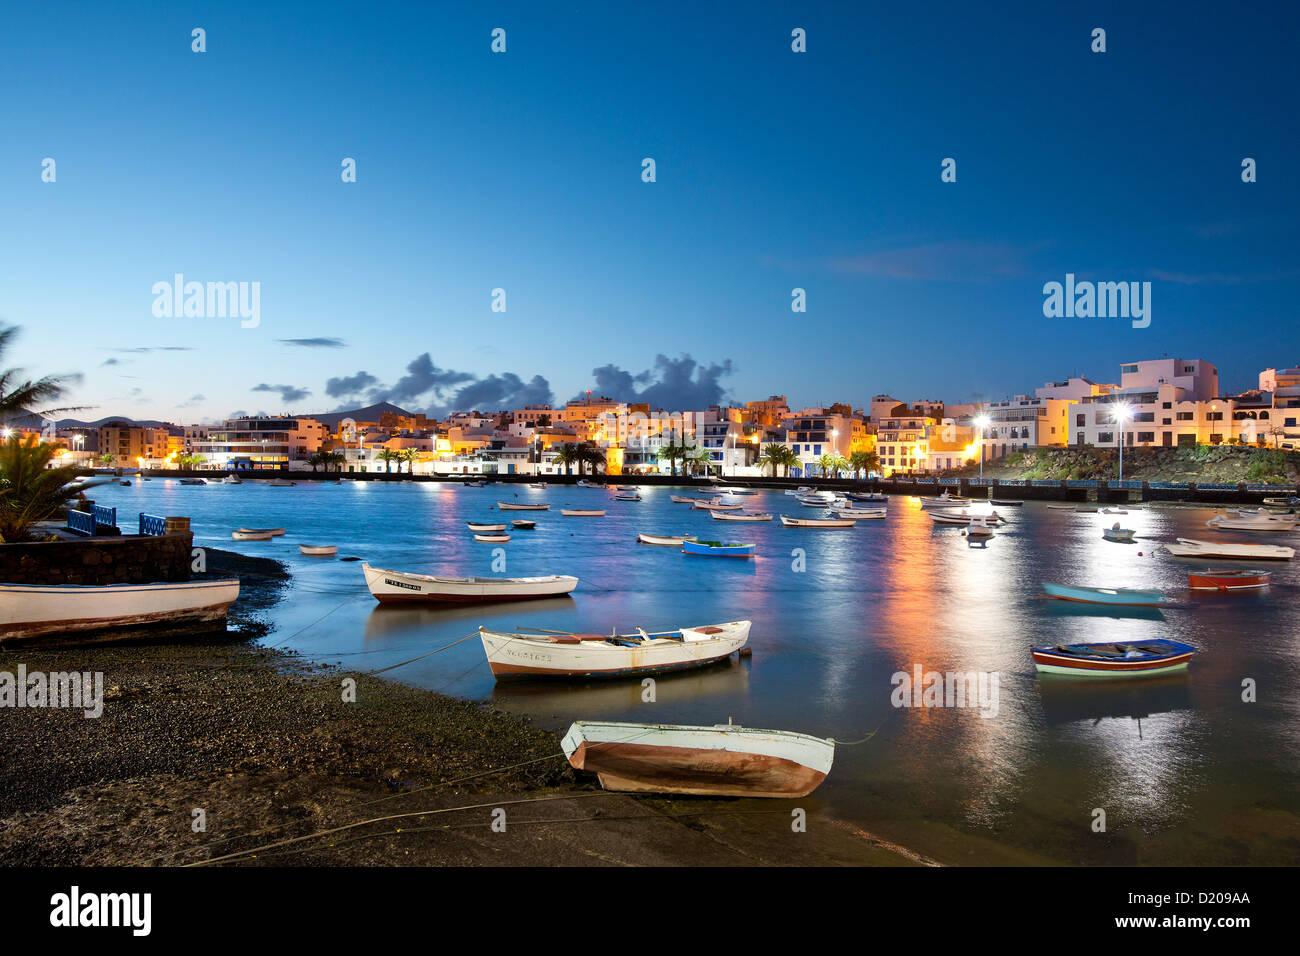 Casas iluminadas en el Charco de San Ginés en la noche, Arrecife, Lanzarote, Islas Canarias, España, Europa Imagen De Stock